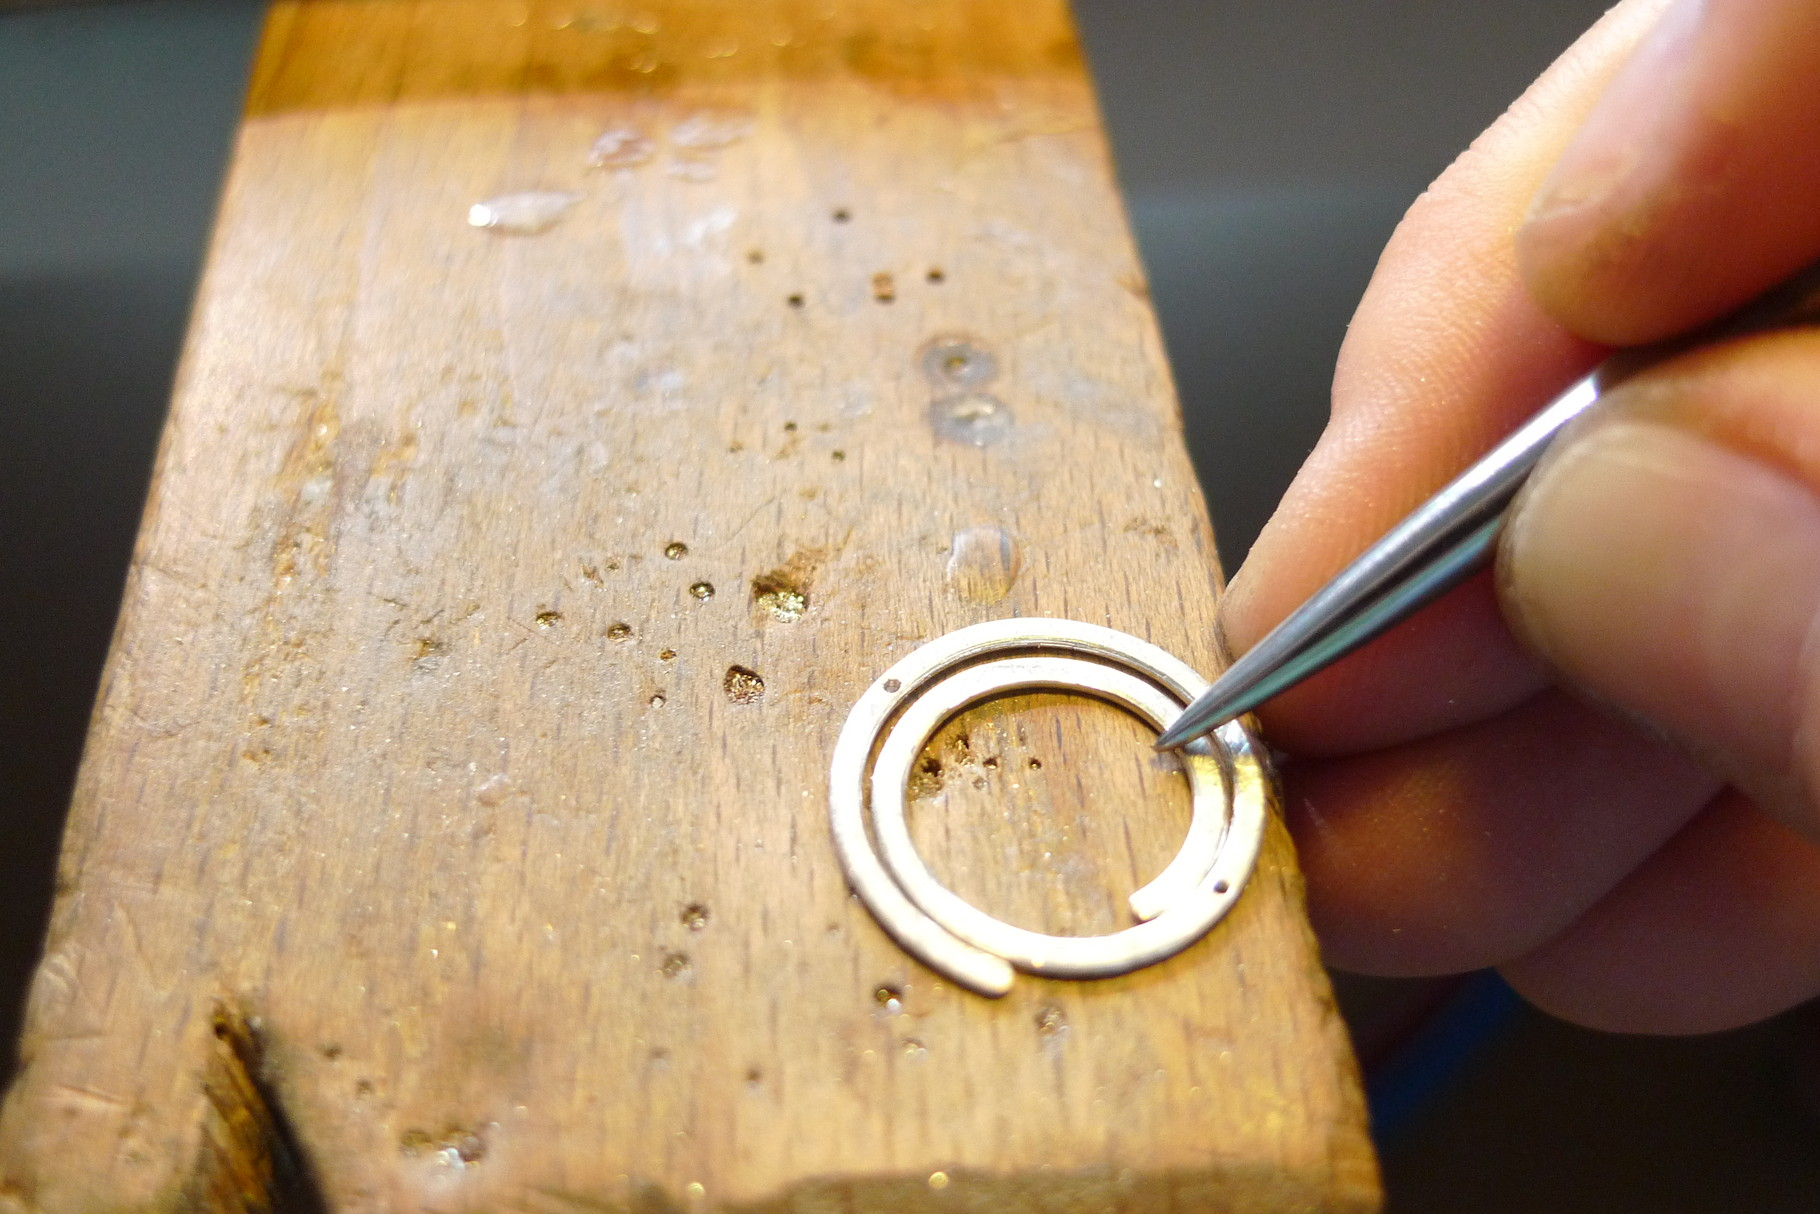 Mit dem Glättstahl wird die Kante der Spirale poliert...